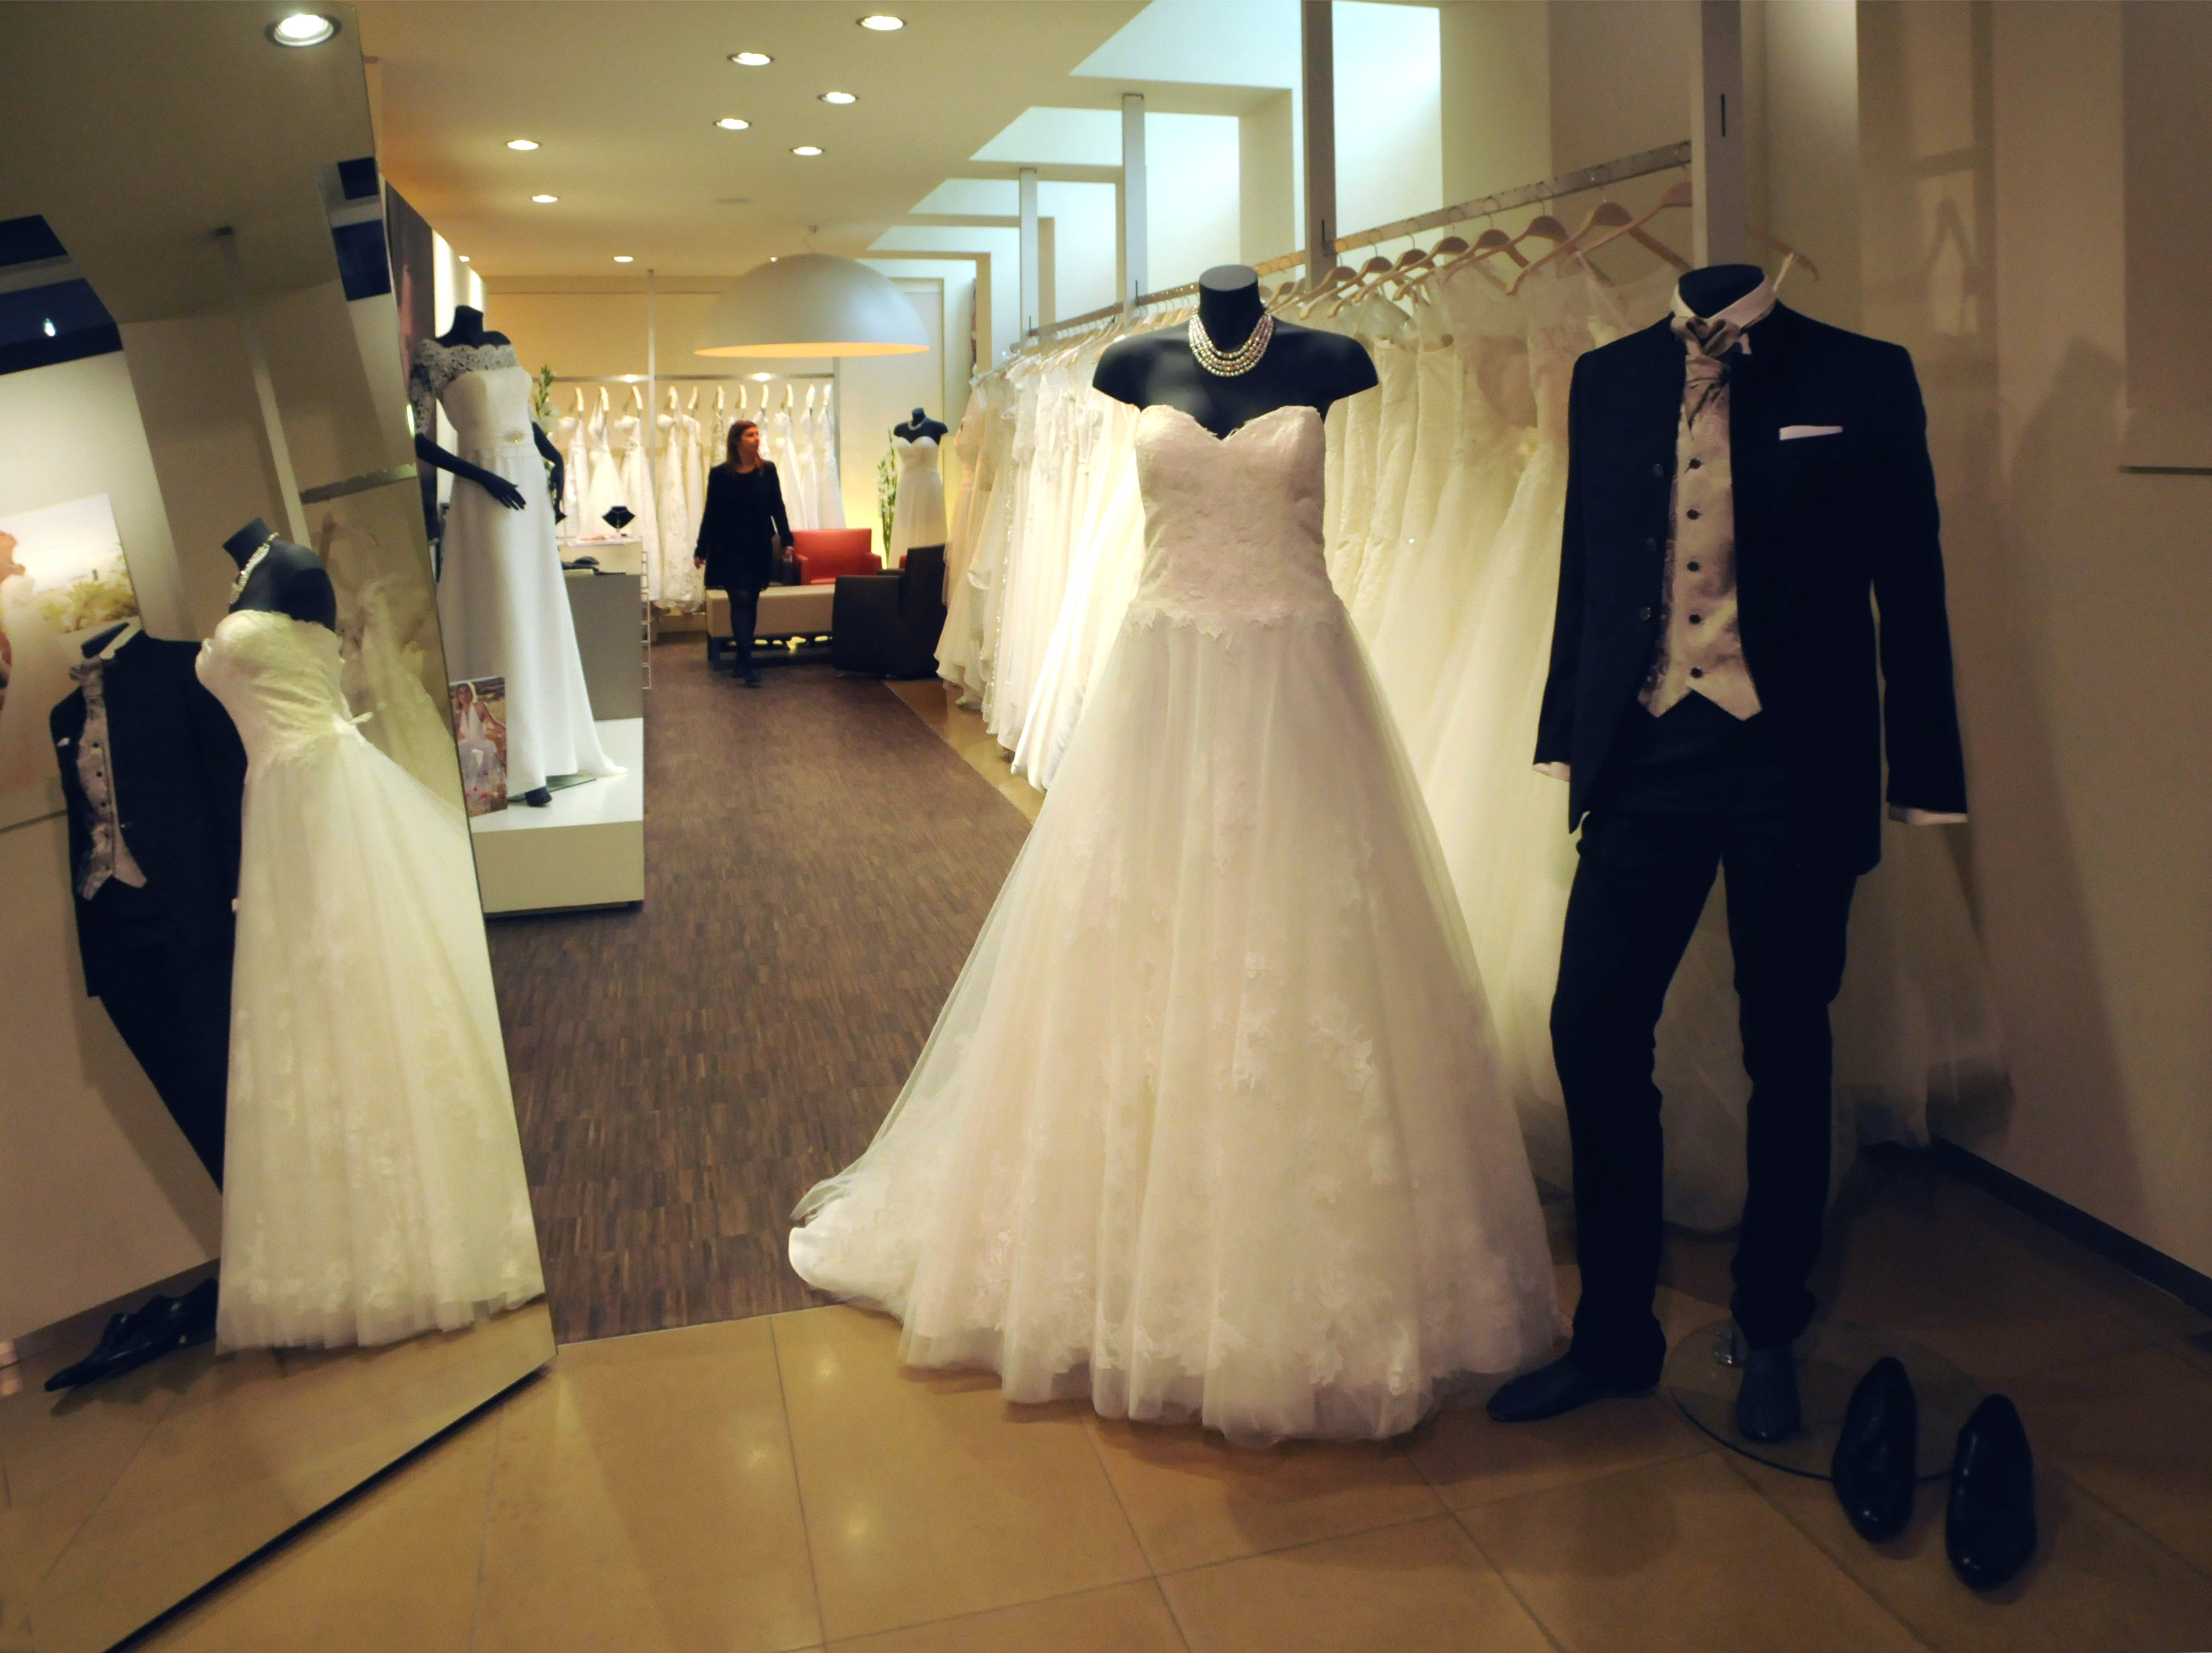 Bezoek Onze Showroom In Leuven Linx Bruidsmode En Feestkleding